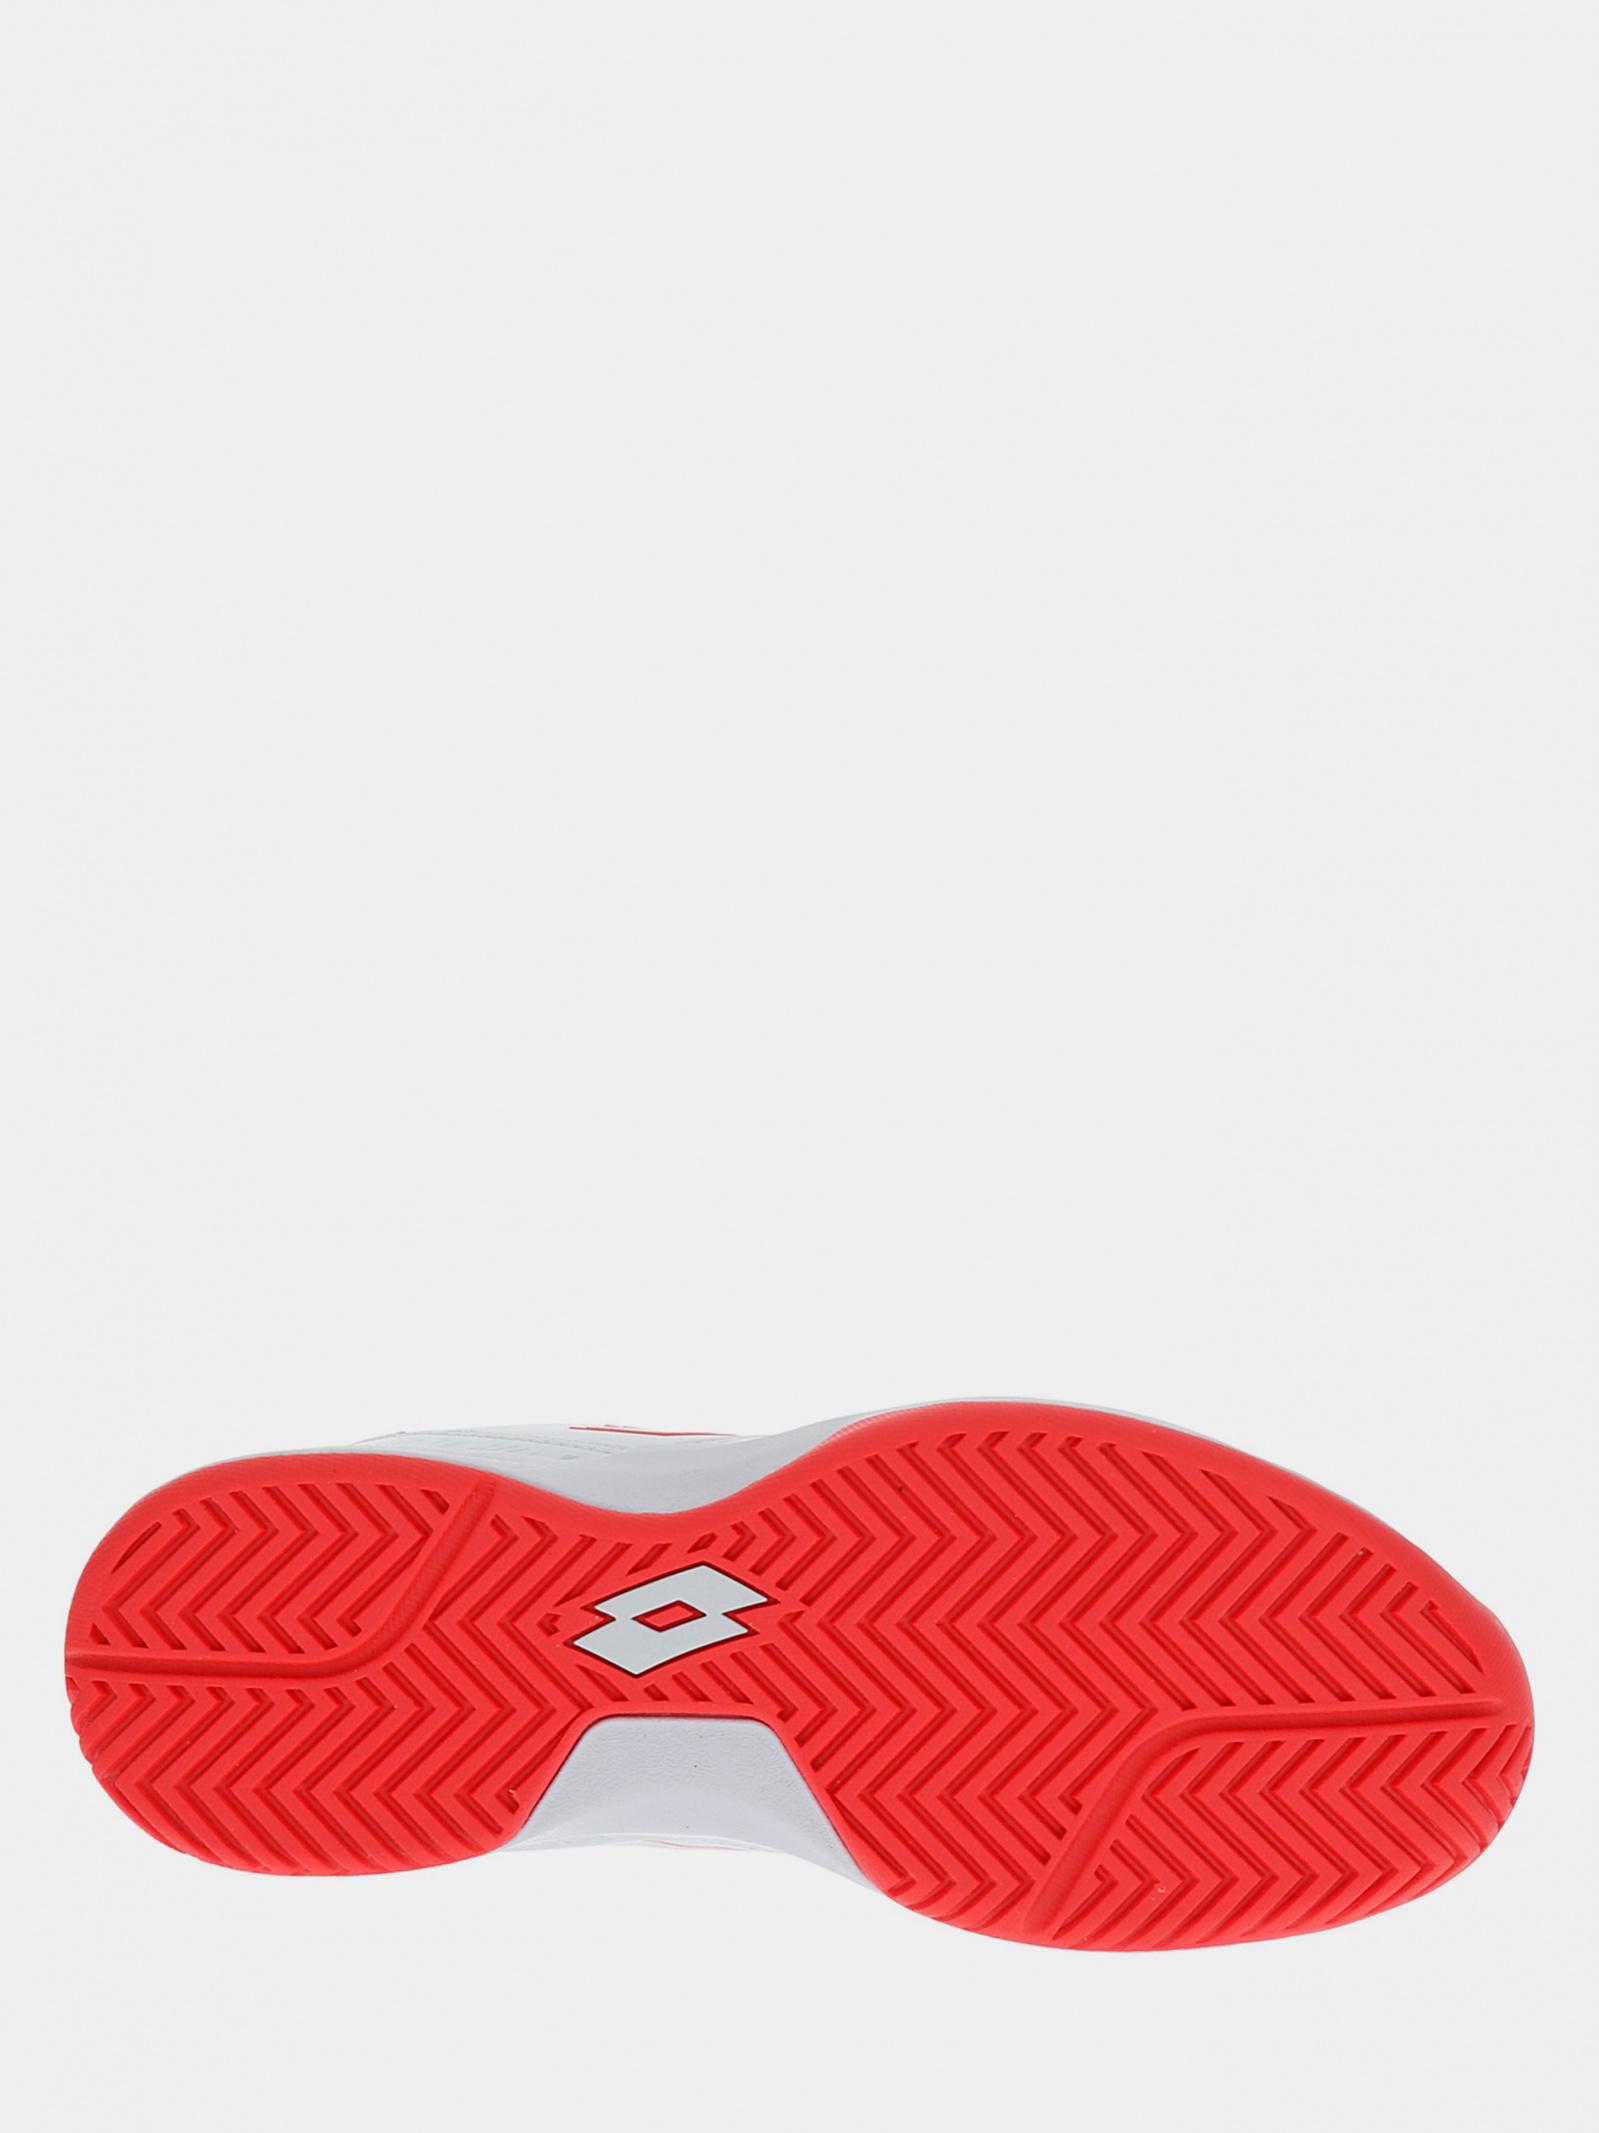 Кросівки тенісні  для жінок SPACE 600 II ALR W 213637_5Y3 брендове взуття, 2017